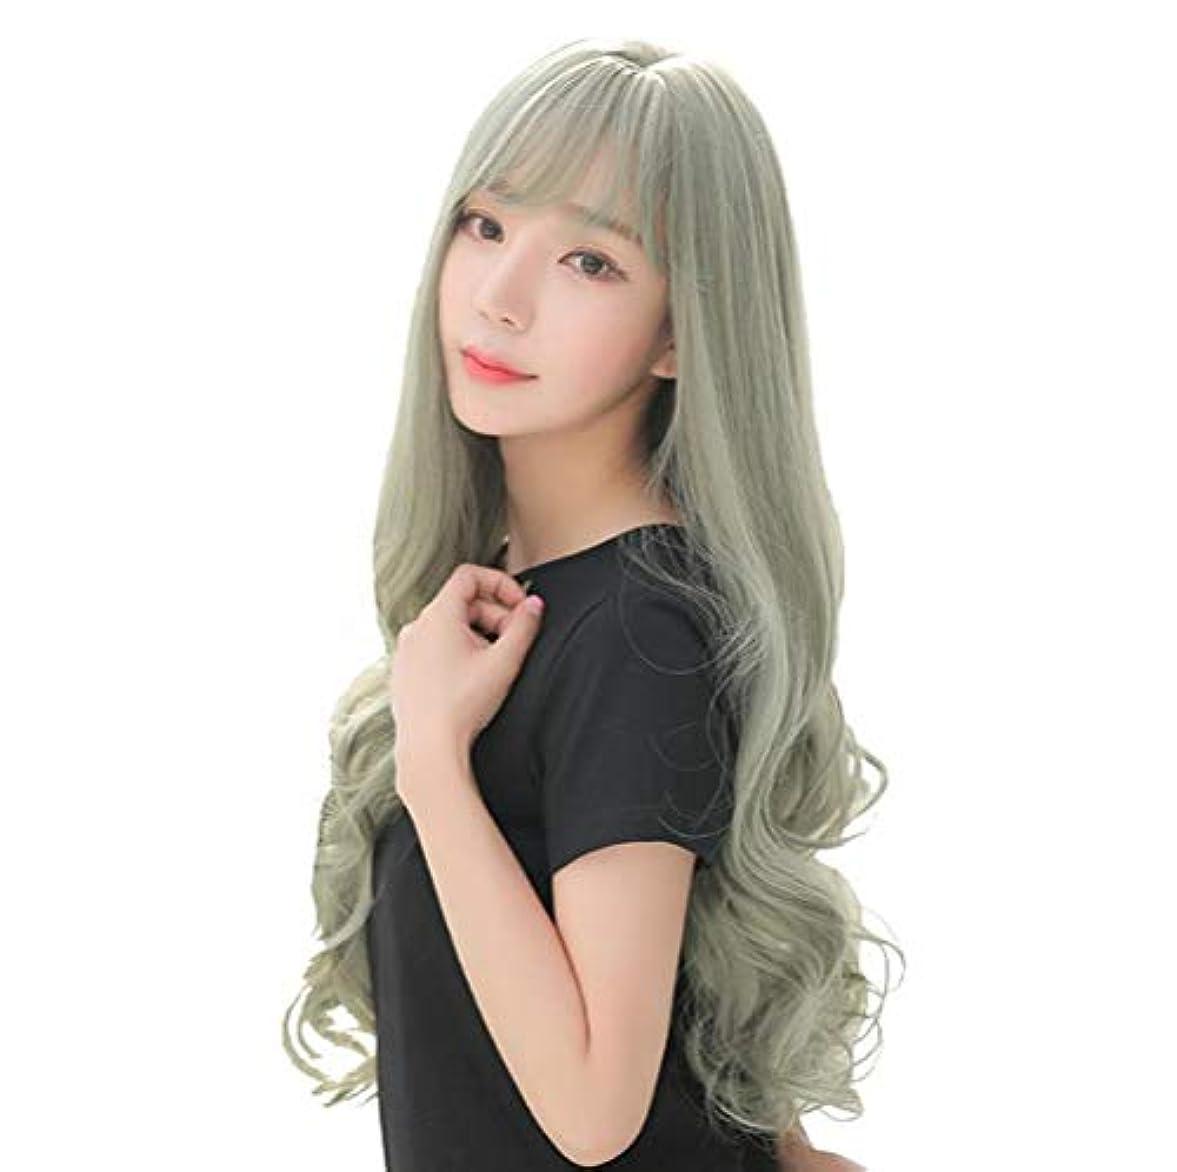 詳細なエンジニアリング物質かつら女性アッシュグリーン高温シルク長い巻き毛ビッグウェーブ空気前髪 LH2203 (アッシュグリーン)